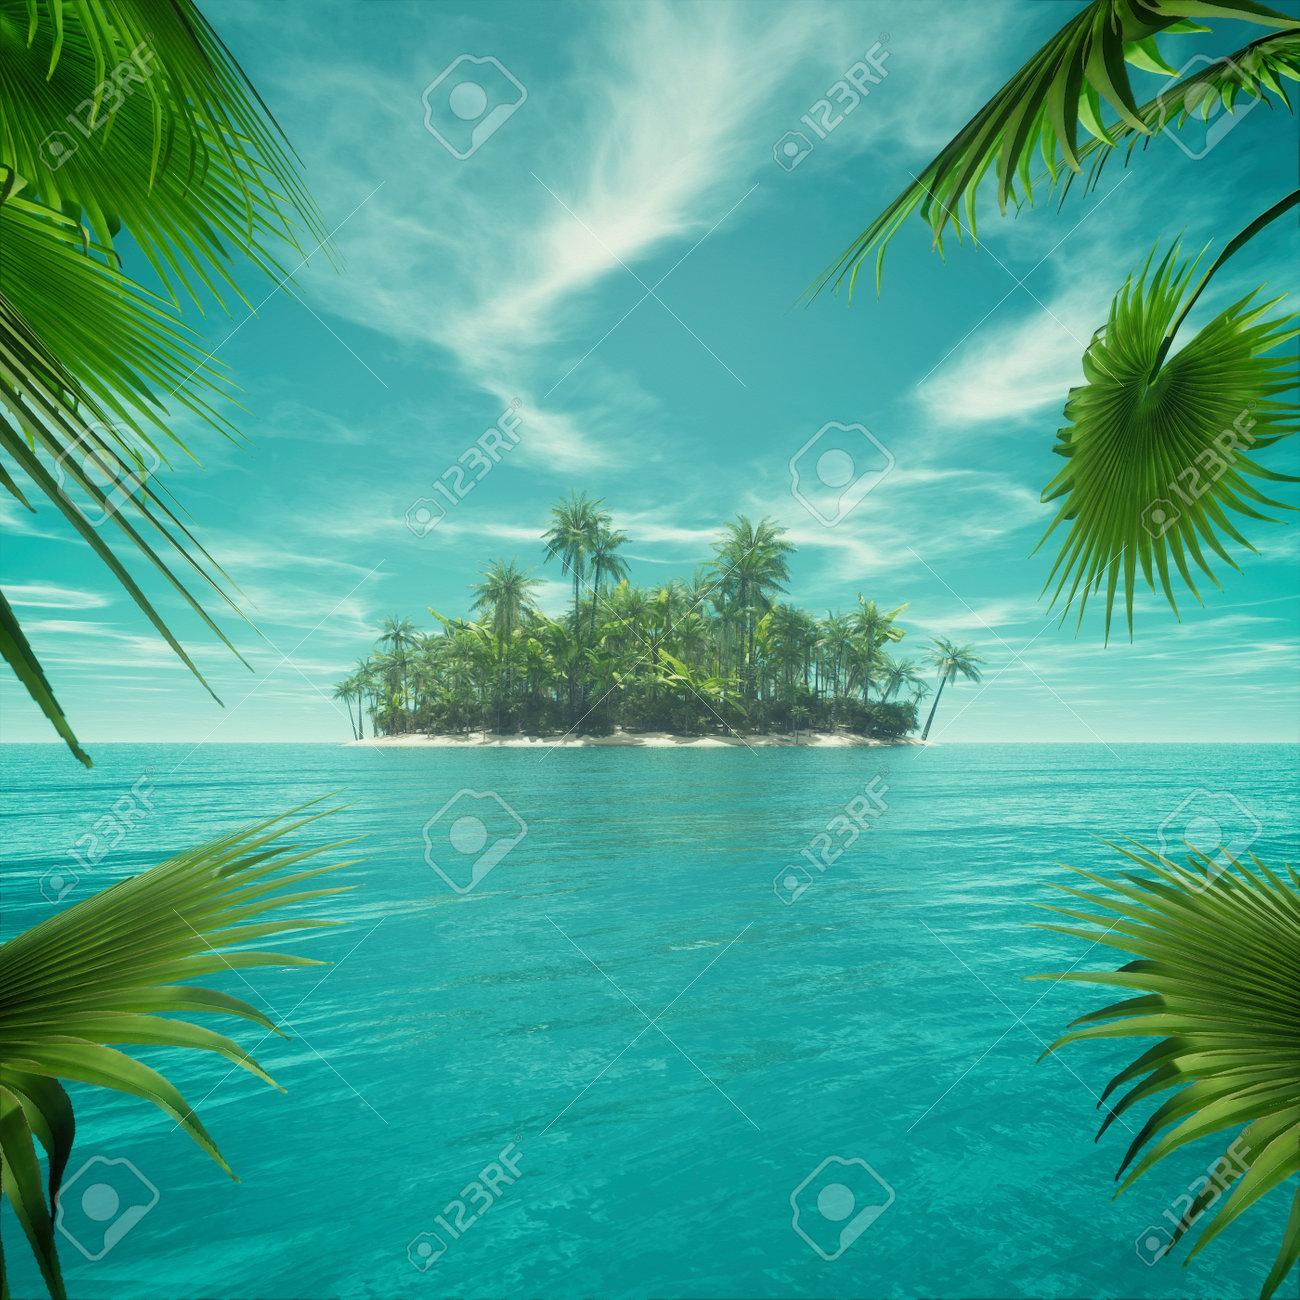 Rahmen Von Blättern Verlassenen Tropischen Paradies Mitten Im Ozean ...